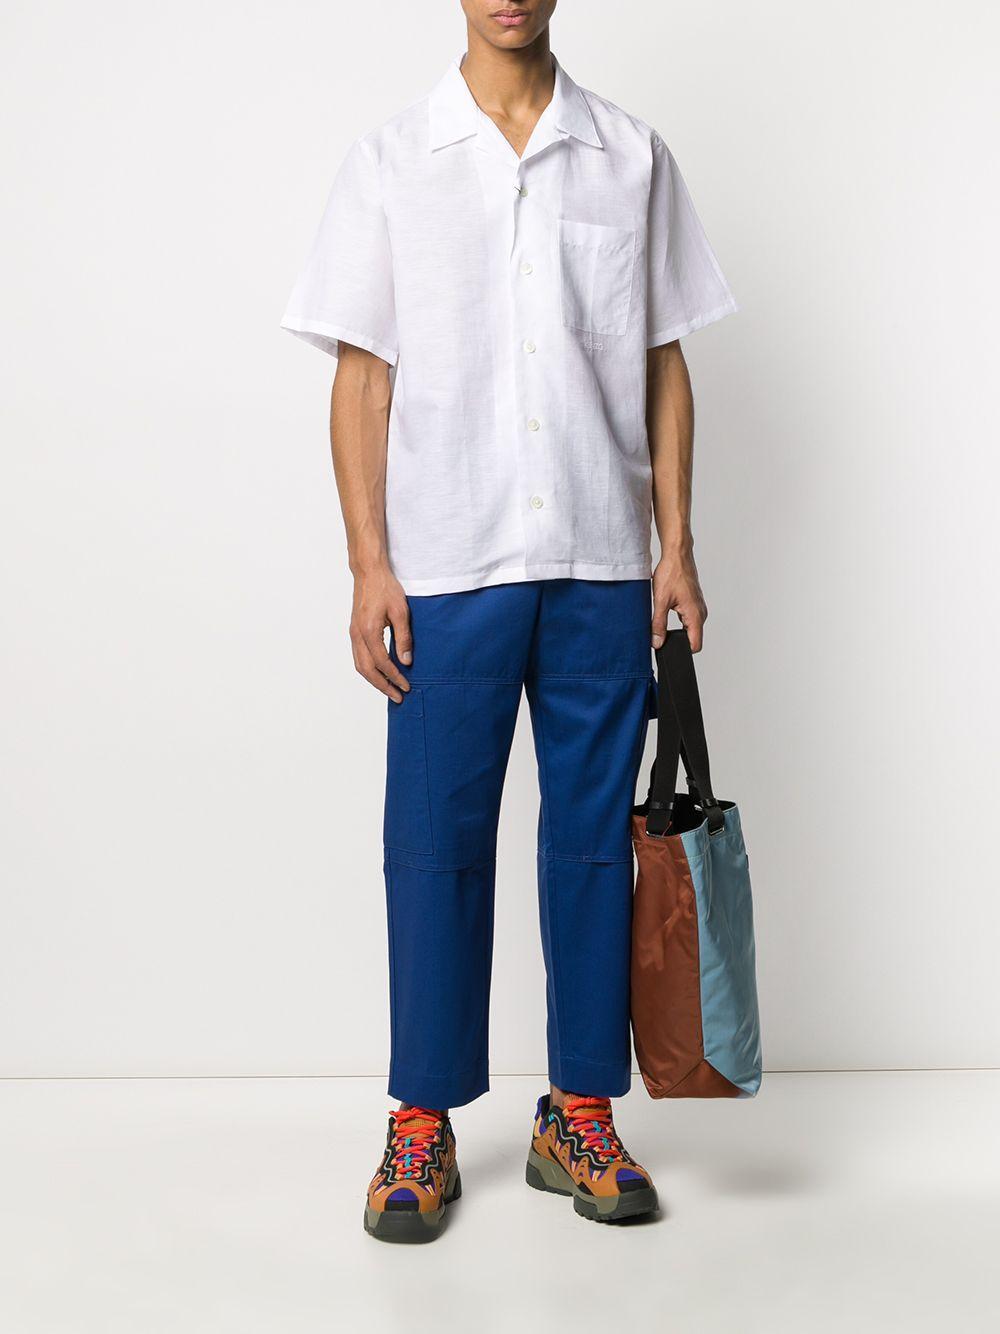 KENZO Linnen Overhemd Met Korte Mouwen in het Wit voor heren